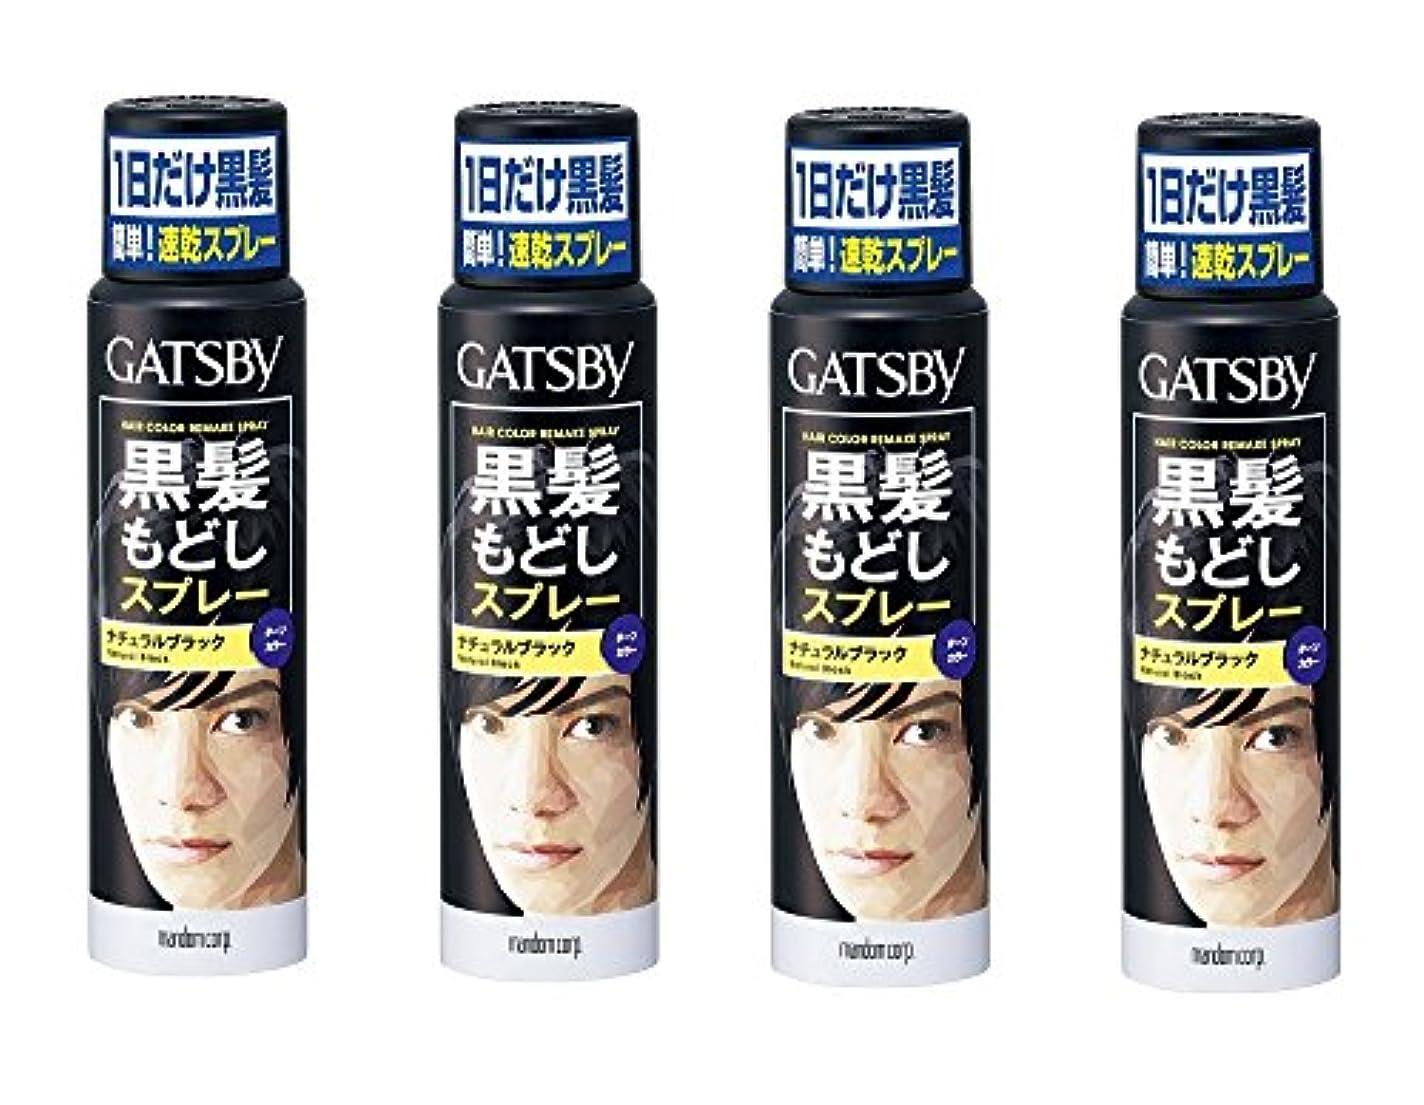 程度十分おしゃれな【まとめ買い】GATSBY (ギャツビー) ターンカラースプレー ナチュラルブラック 60g×4個